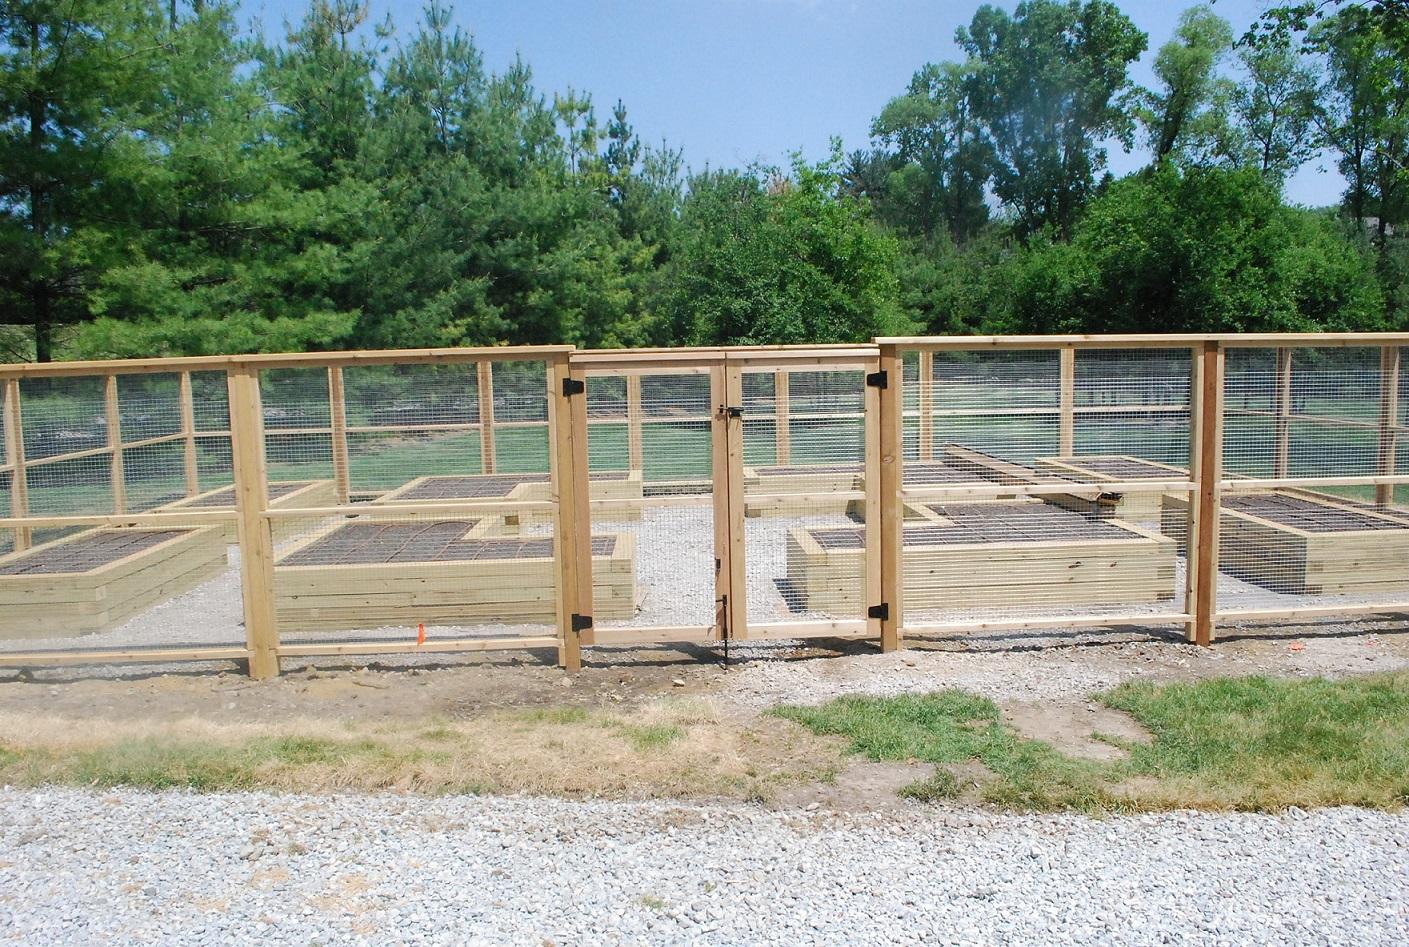 garden fencing ideas photos photo - 1